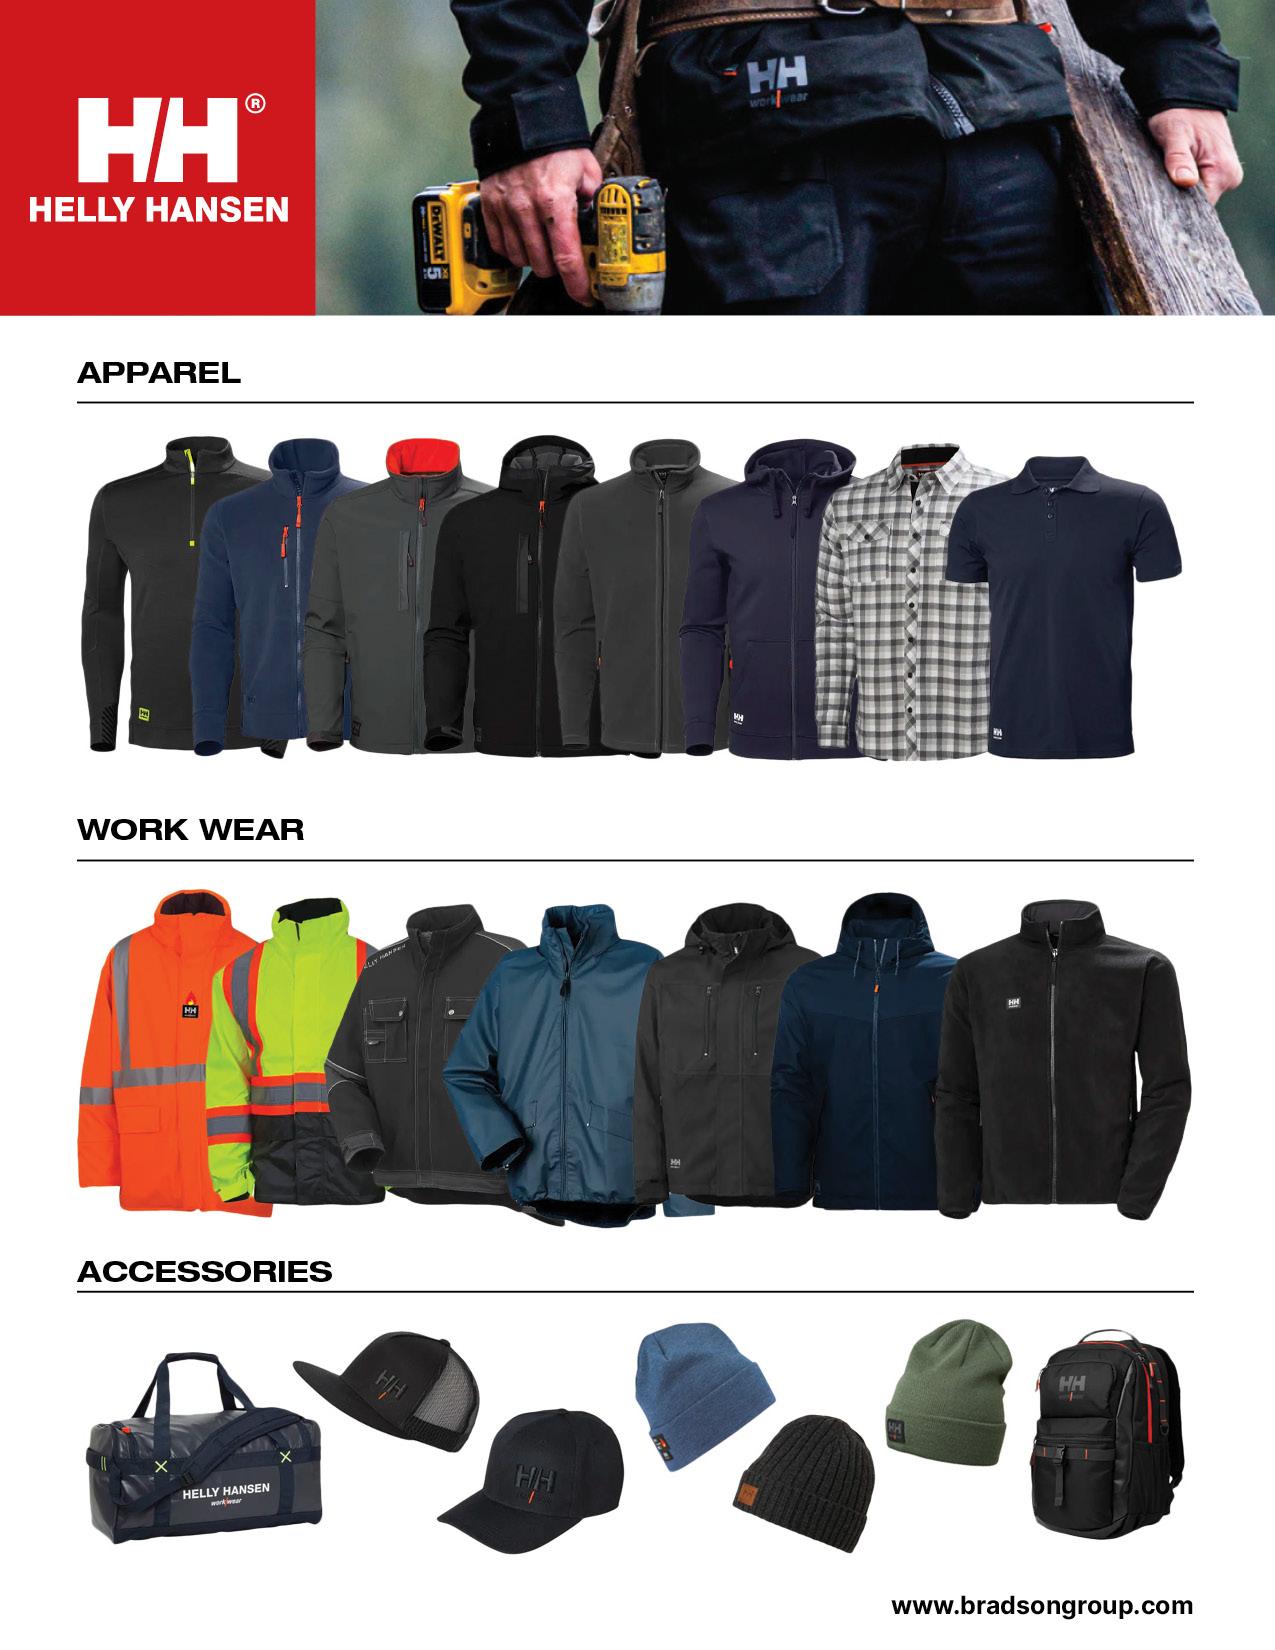 New Brand Helly Hansen